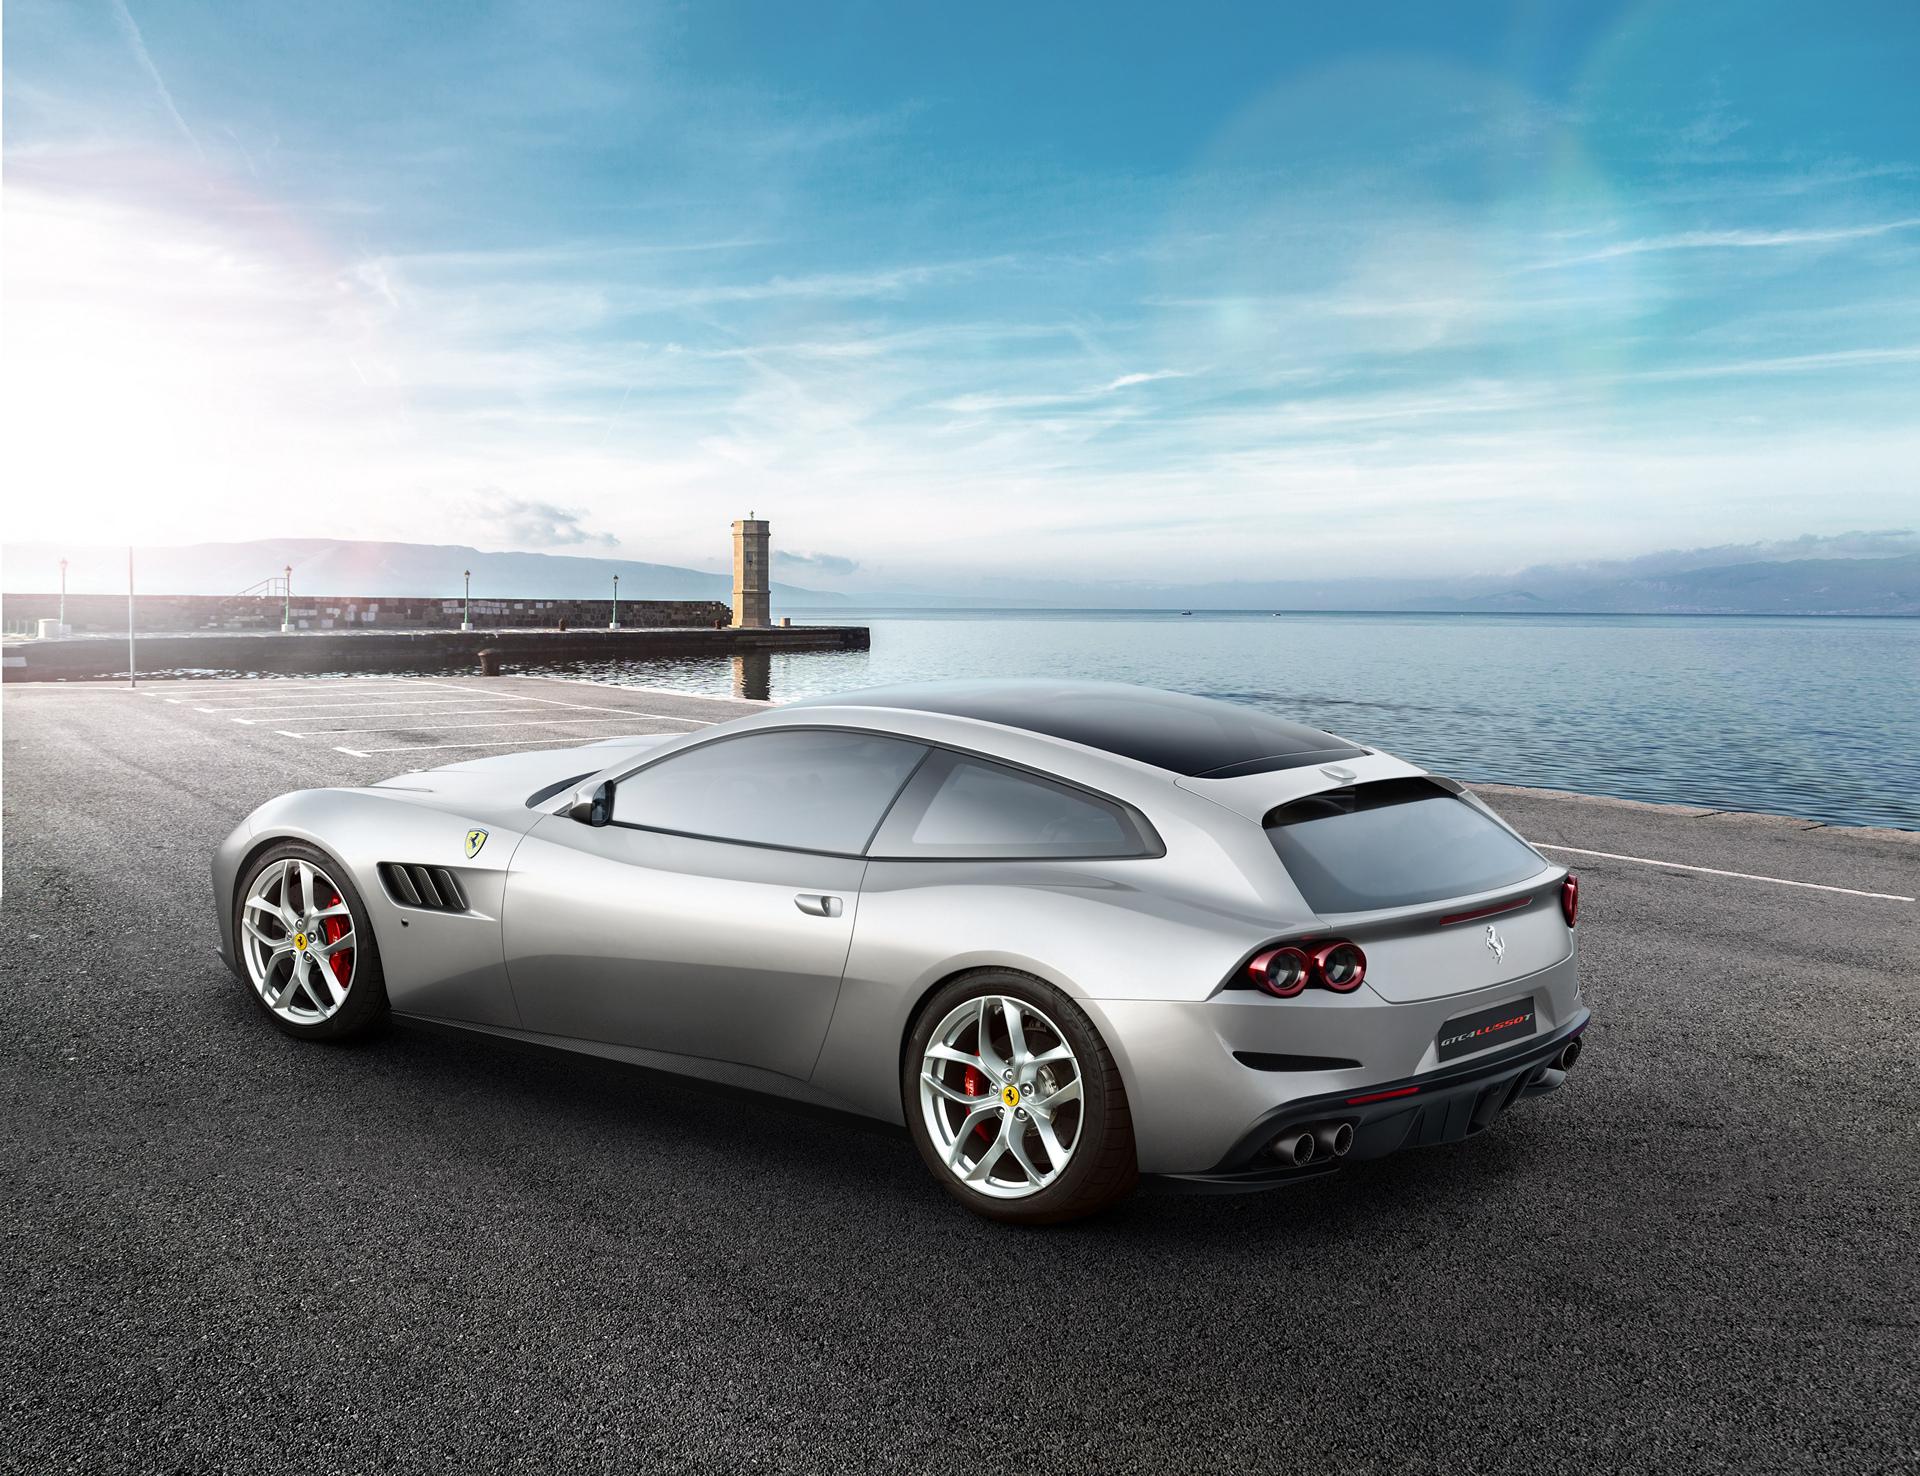 Ferrari GTC4Lusso T © Fiat Chrysler Automobiles N.V.